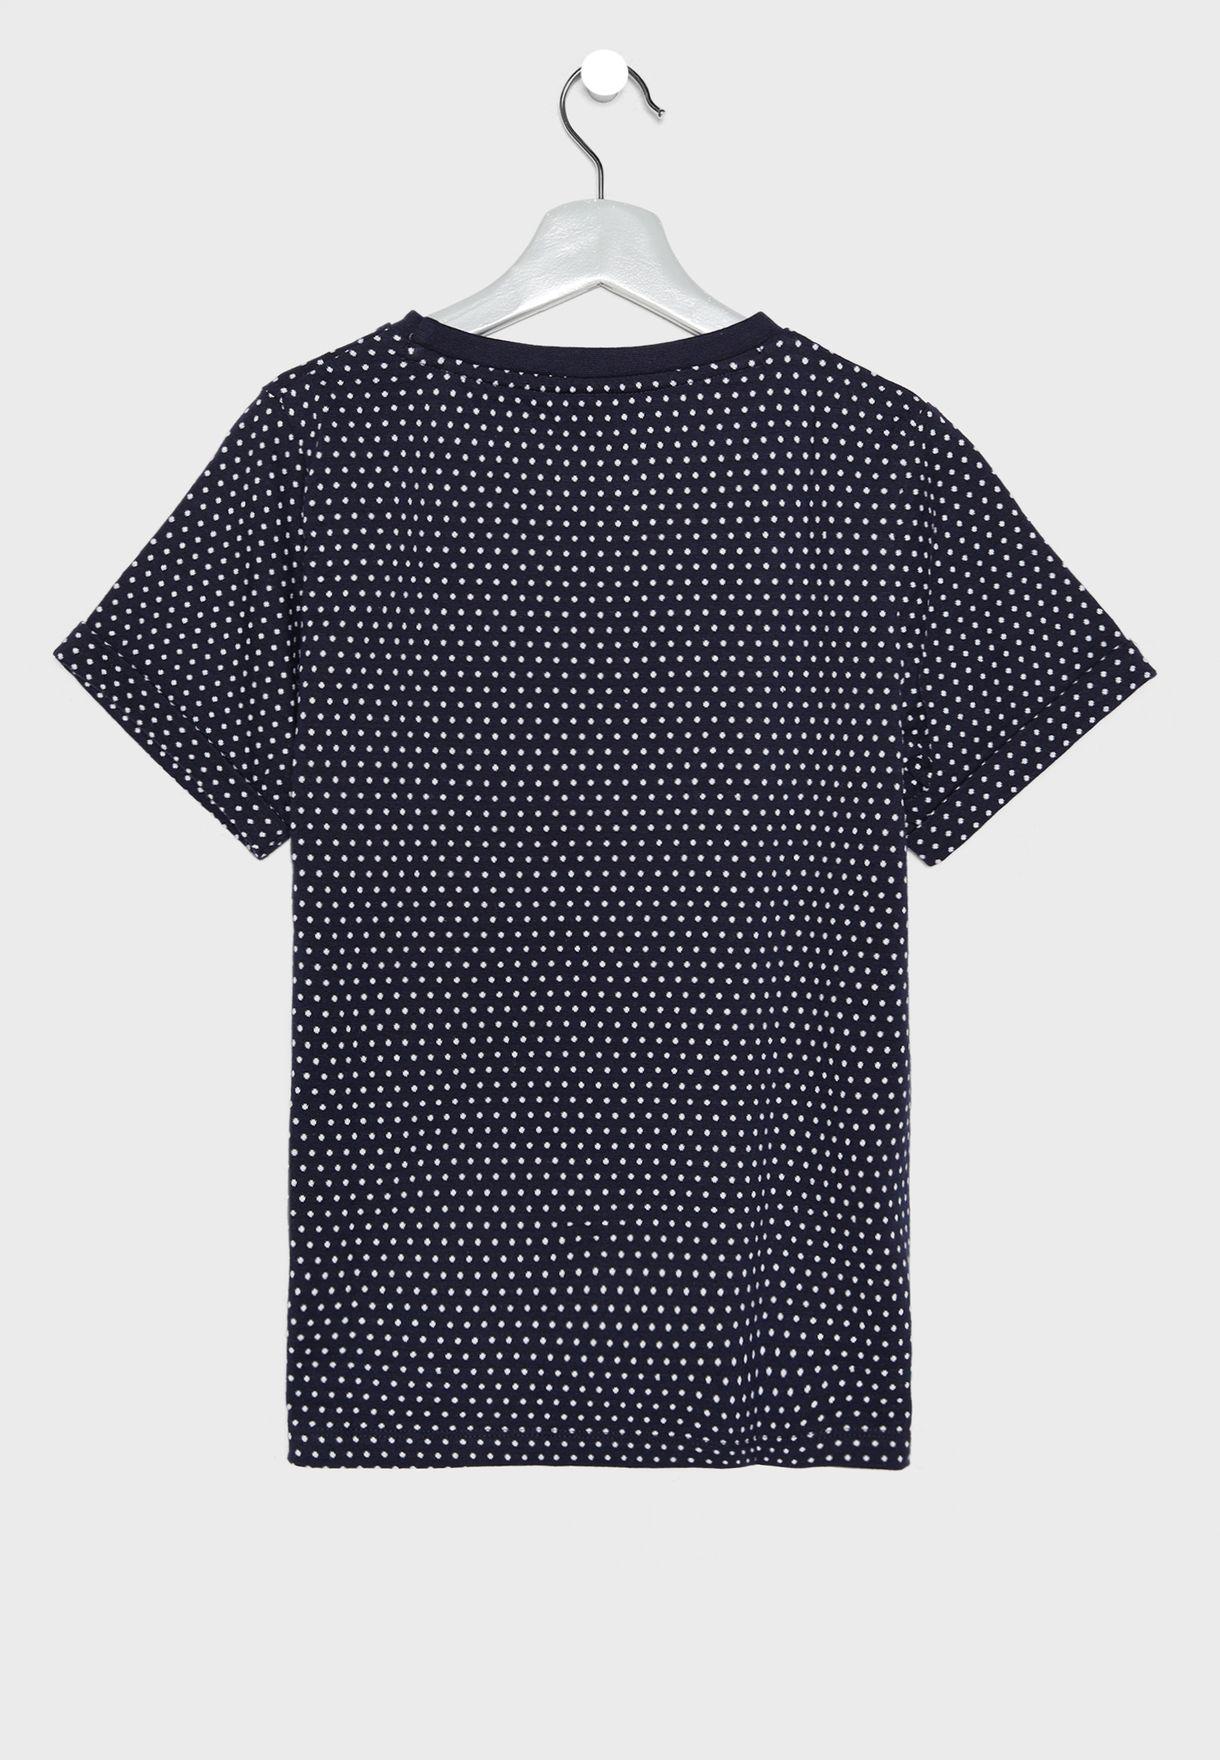 Teen Slogan Polka Dot T-Shirt